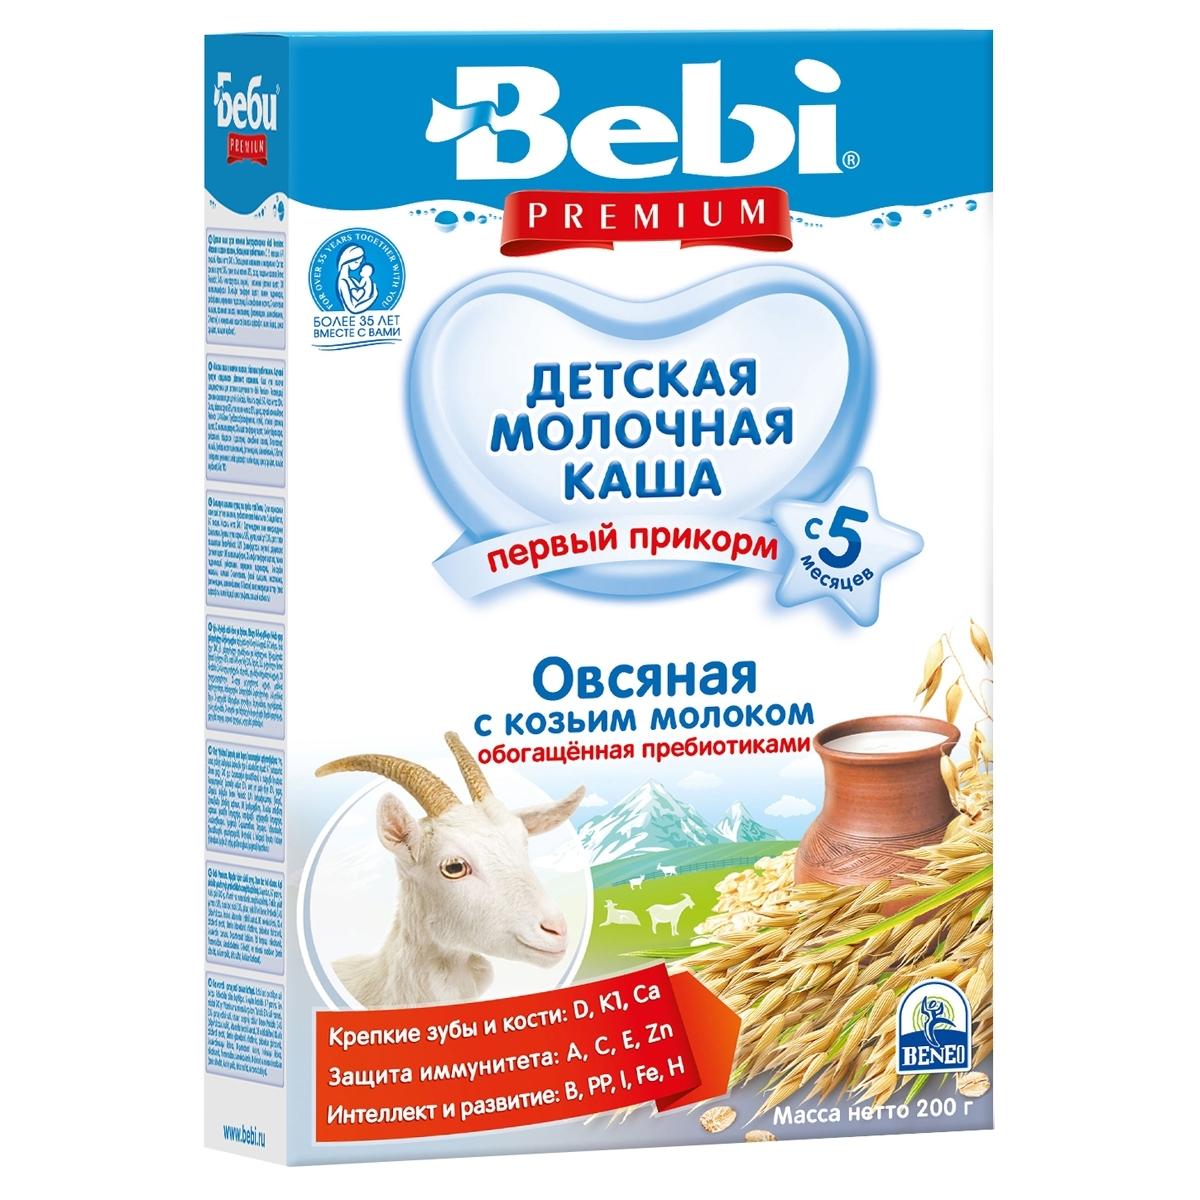 Каша Bebi Premium на козьем молоке 200 гр Овсяная (с 5 мес)